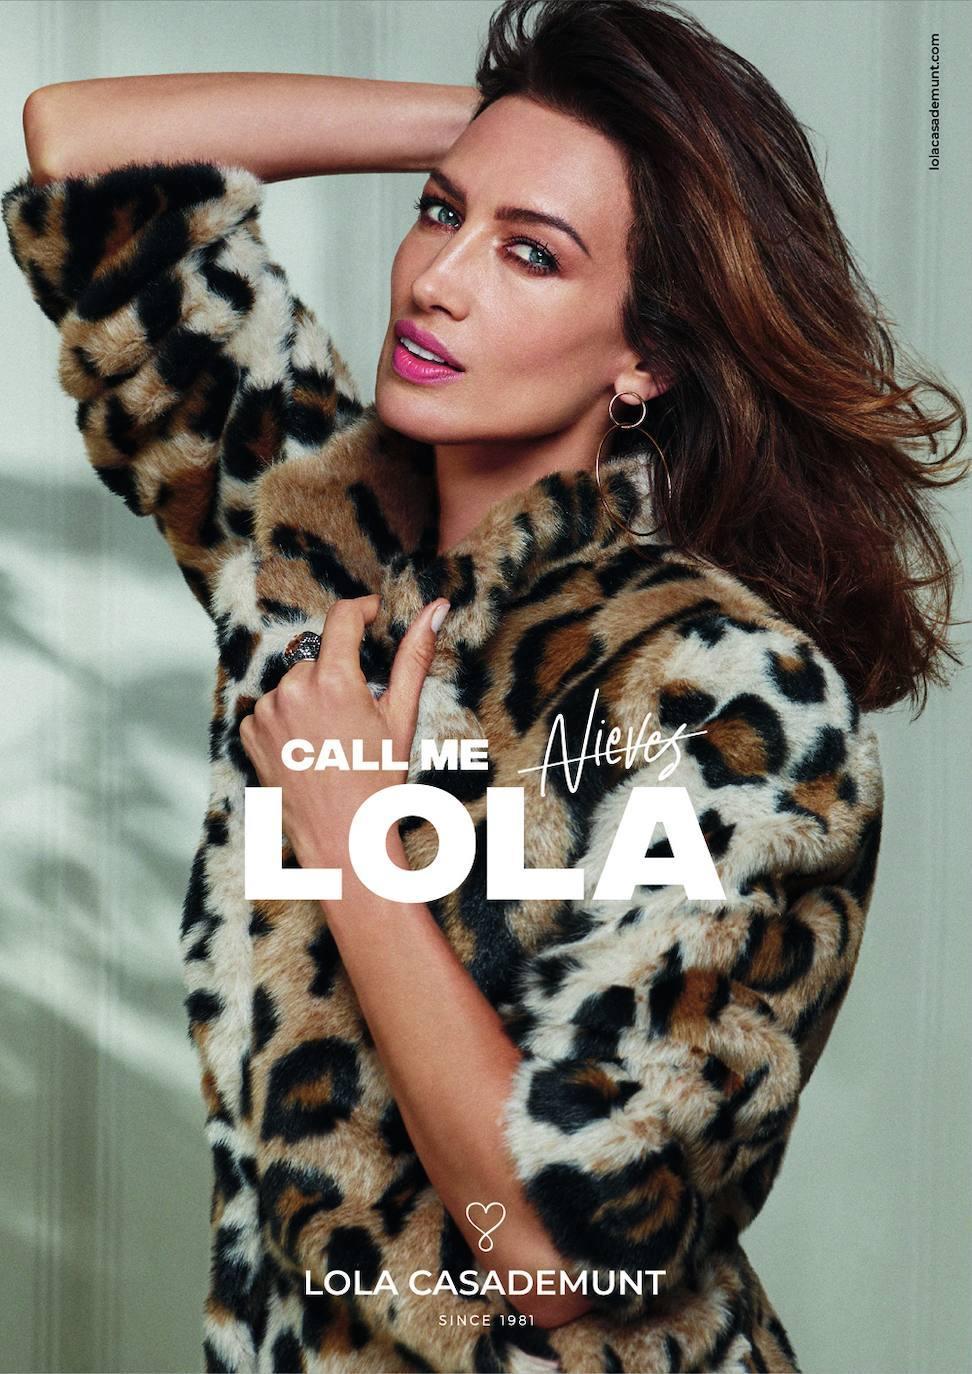 Nieves Álvarez protagoniza la campaña que conmemora los 40 años de Lola Casademunt.